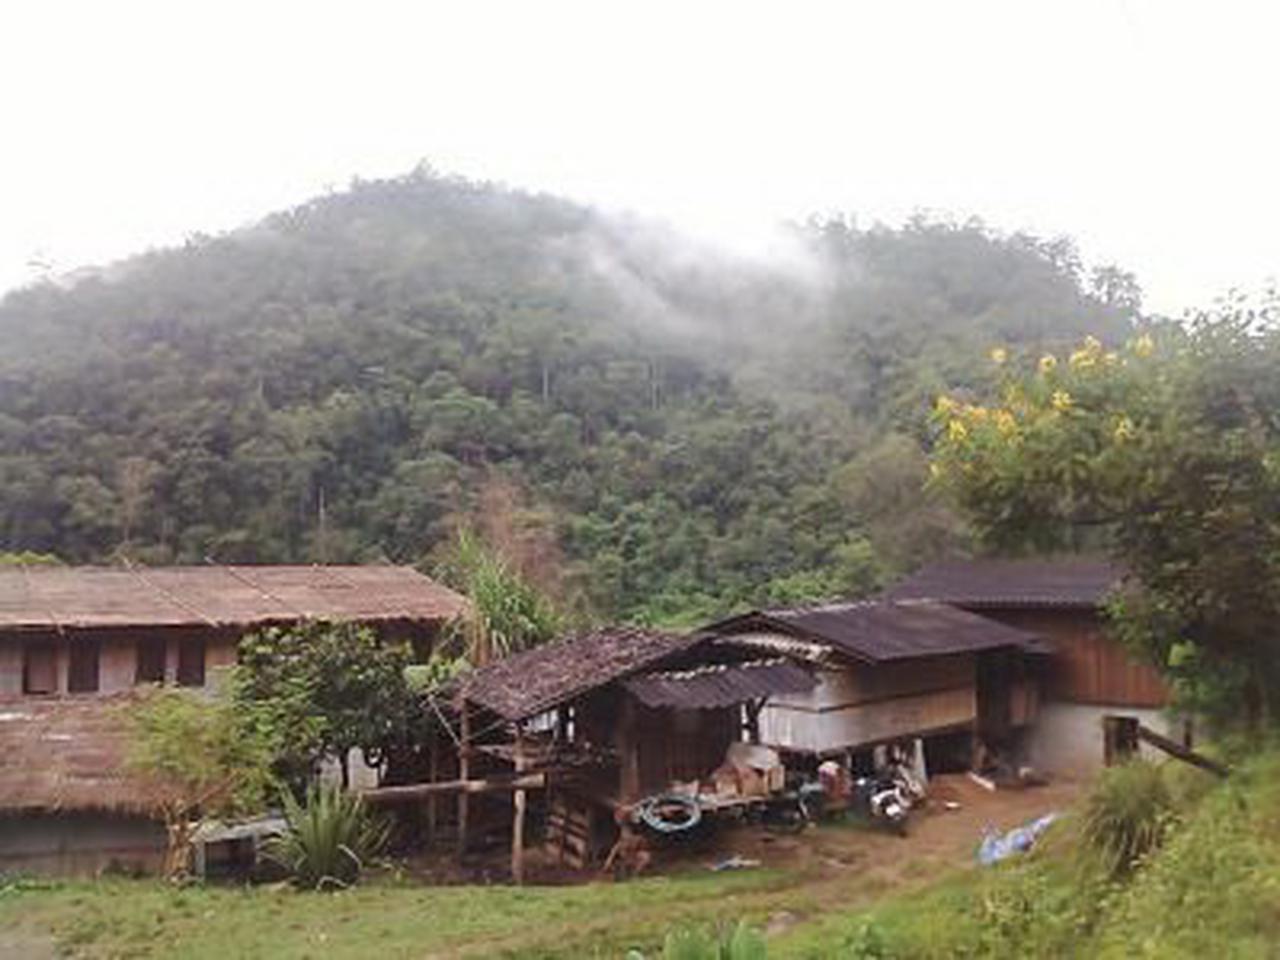 ขายบ้านโฮมสเตย์ ขนาดเล็กๆ สวยมากๆ ดอยสูง ป่าลึกบนดอย เชียงใหม่  อ.กัลยาณิวัฒนา ไปได้เส้นปาย-เส้นสะเมิง รูปที่ 5